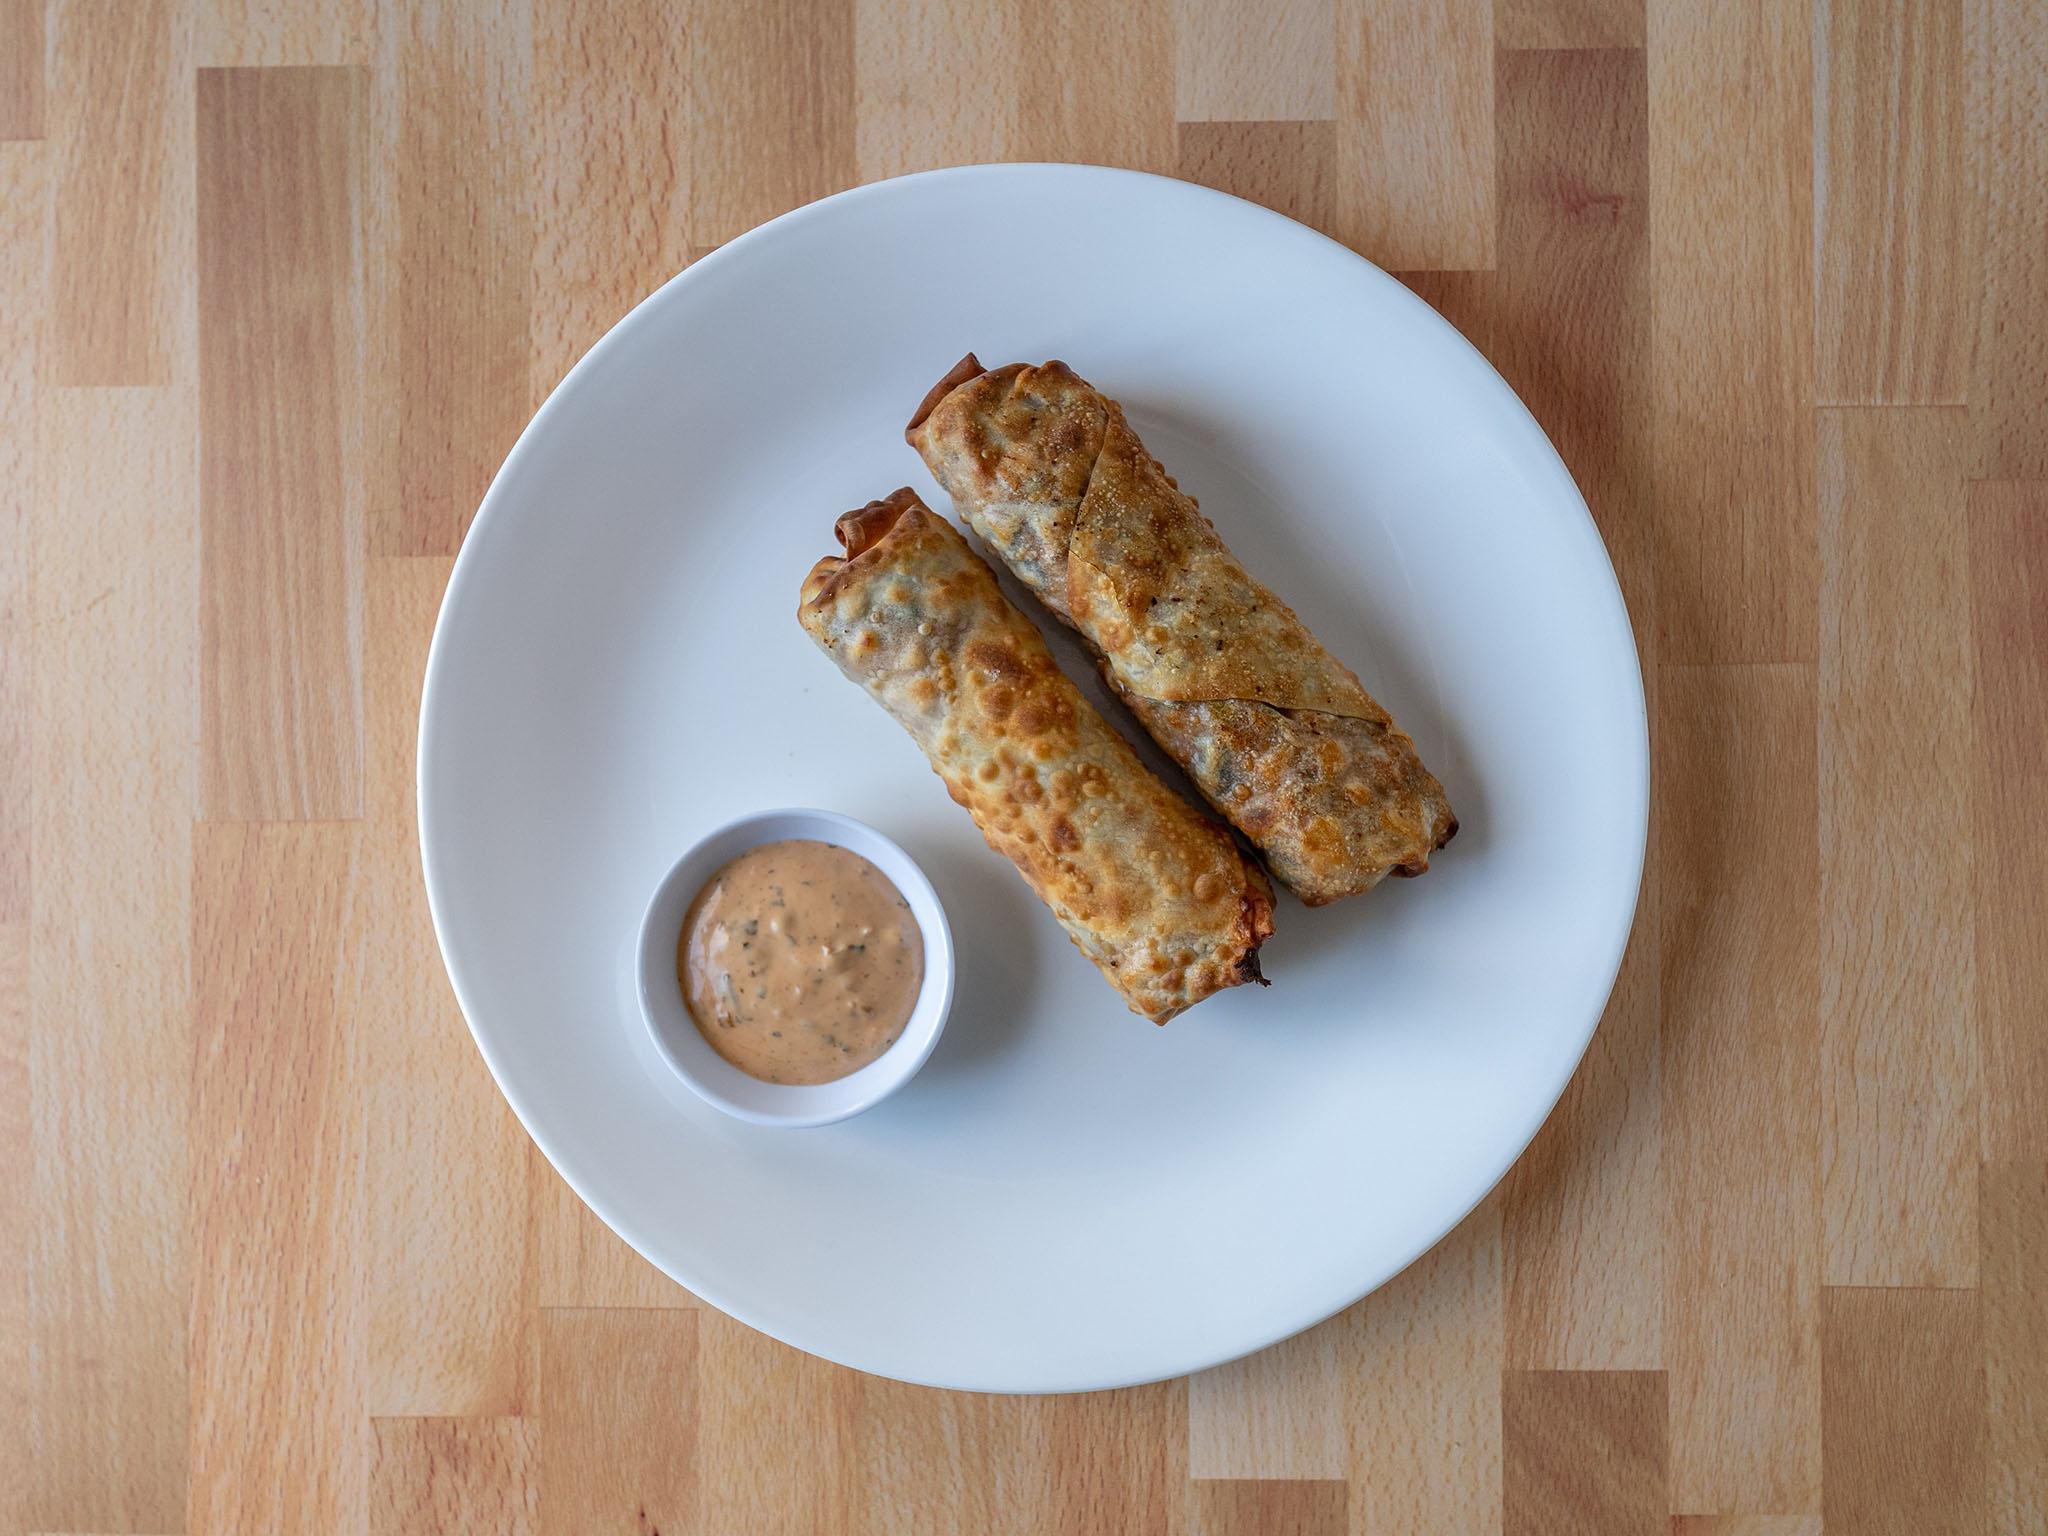 Air fried Southwestern egg rolls